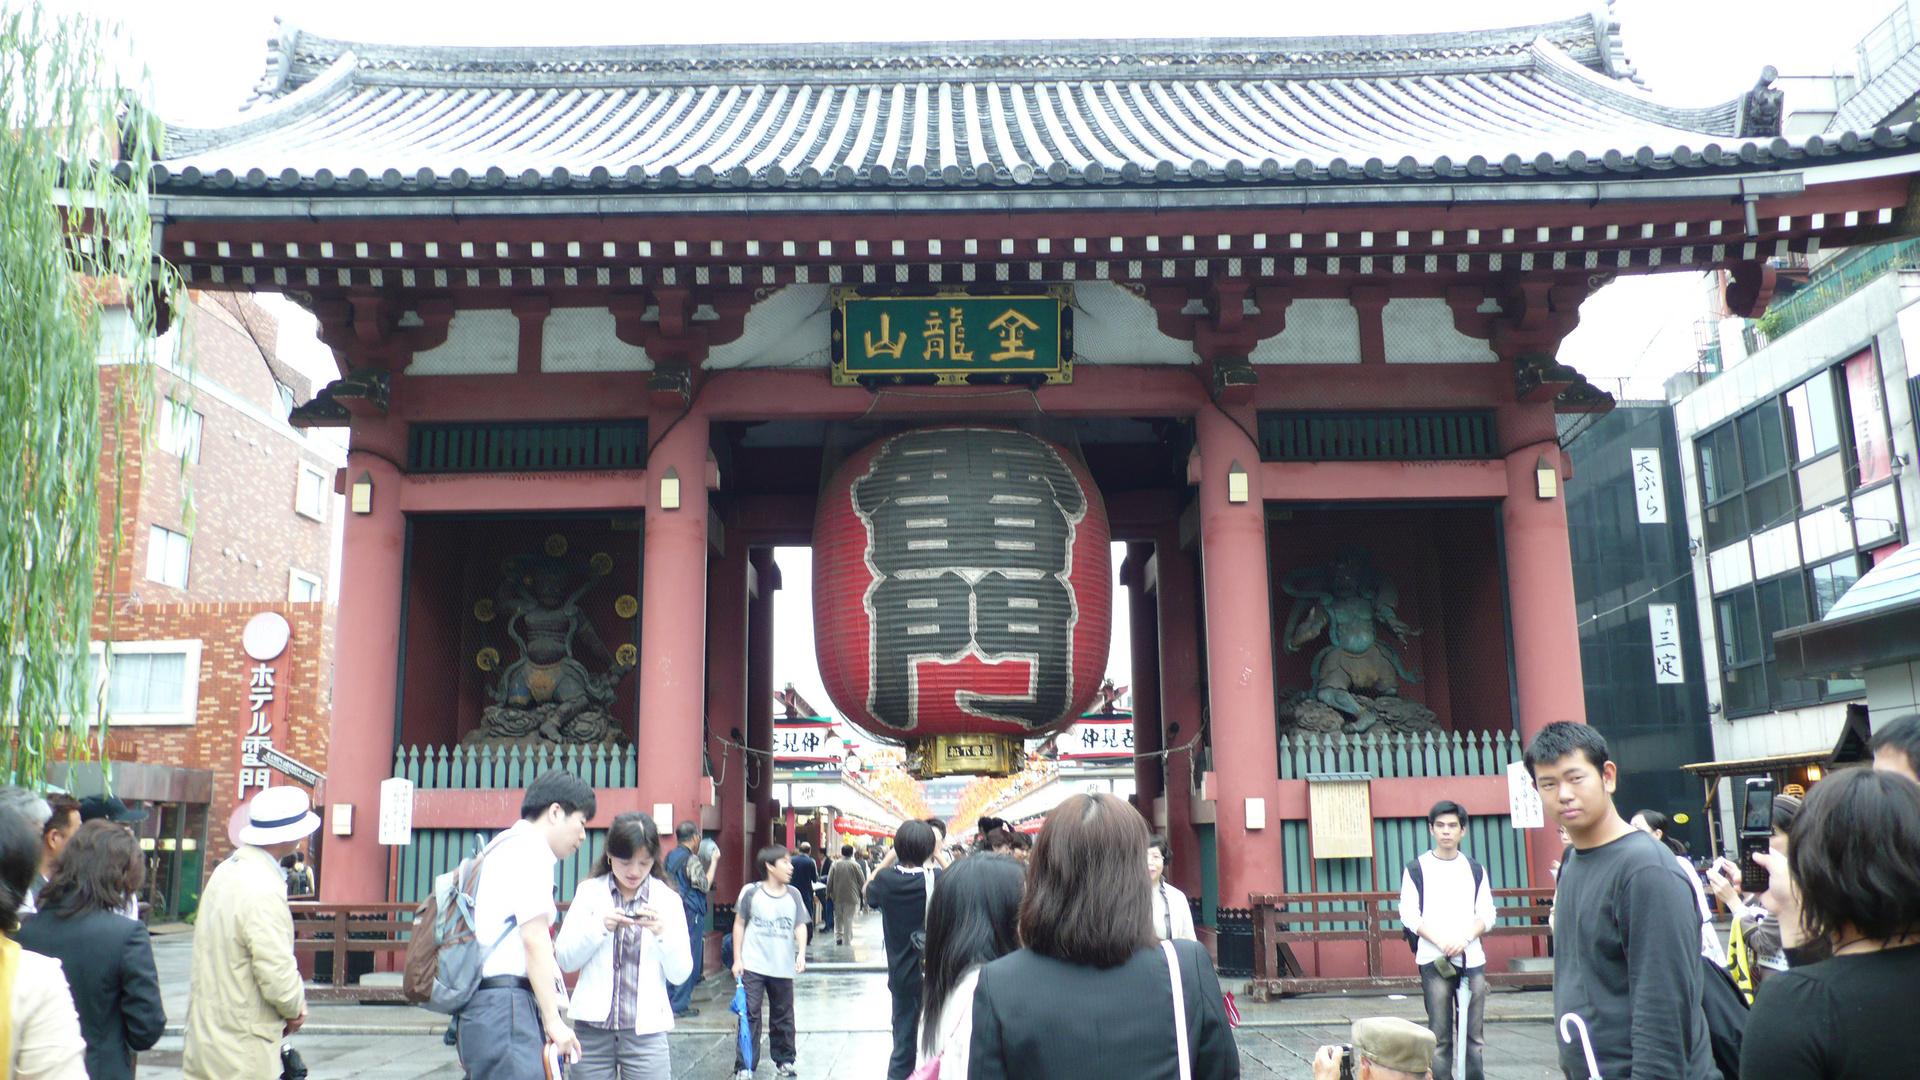 Das Donnertor, der Eingang zum Kannon Tempel